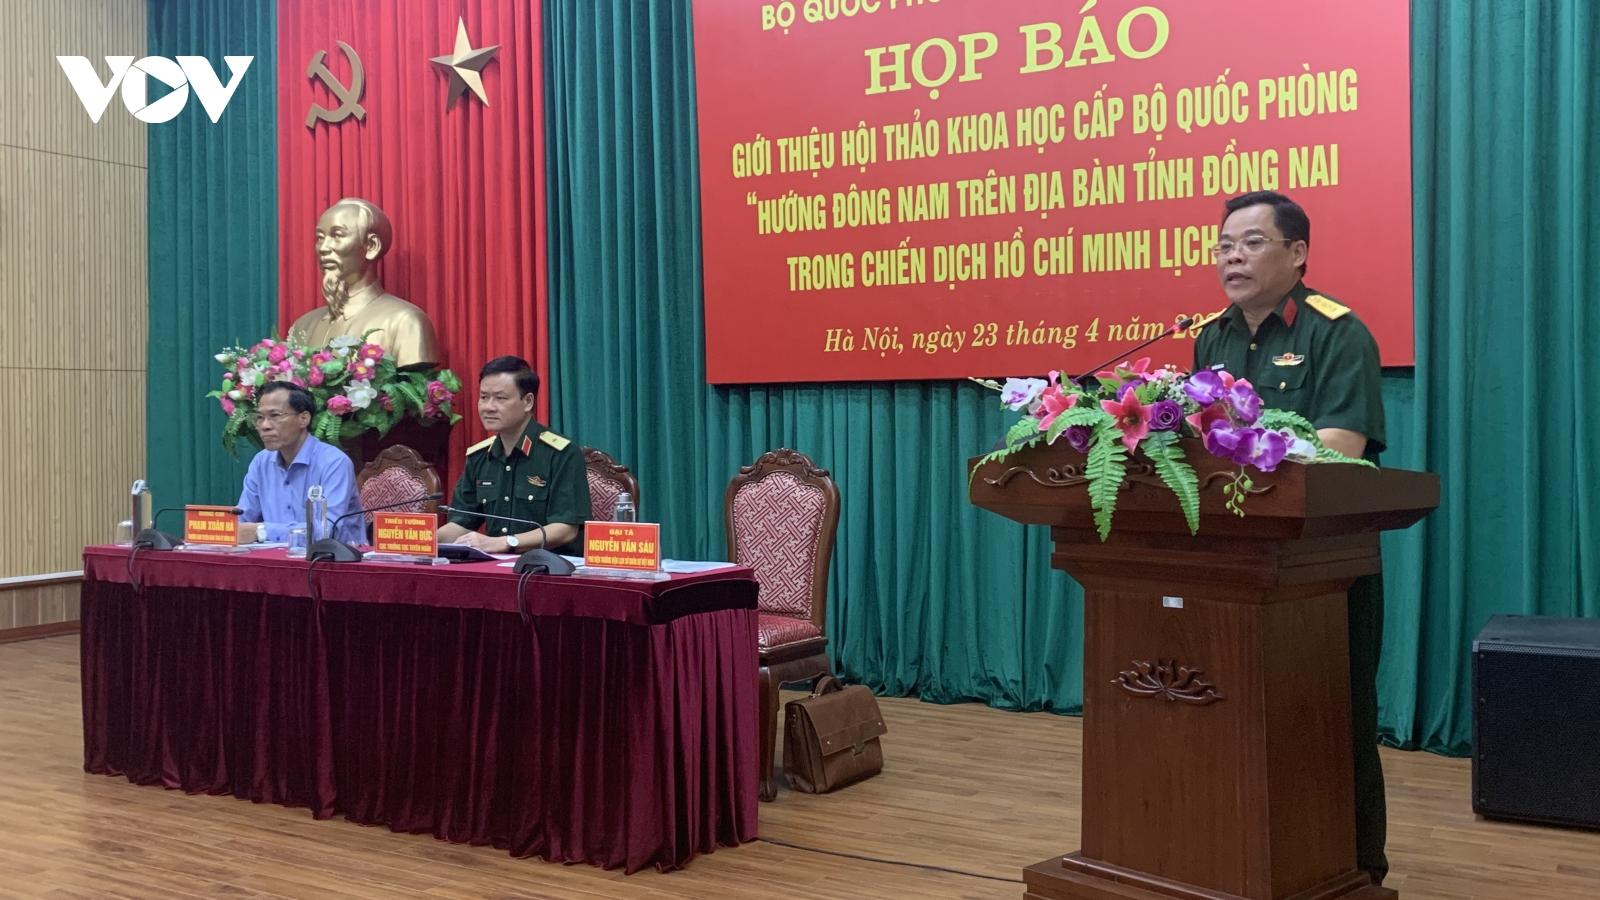 Sẽ tổ chức Hội thảo khoa học tại Đồng Nai để làm rõ hơn Chiến dịch Hồ Chí Minh lịch sử